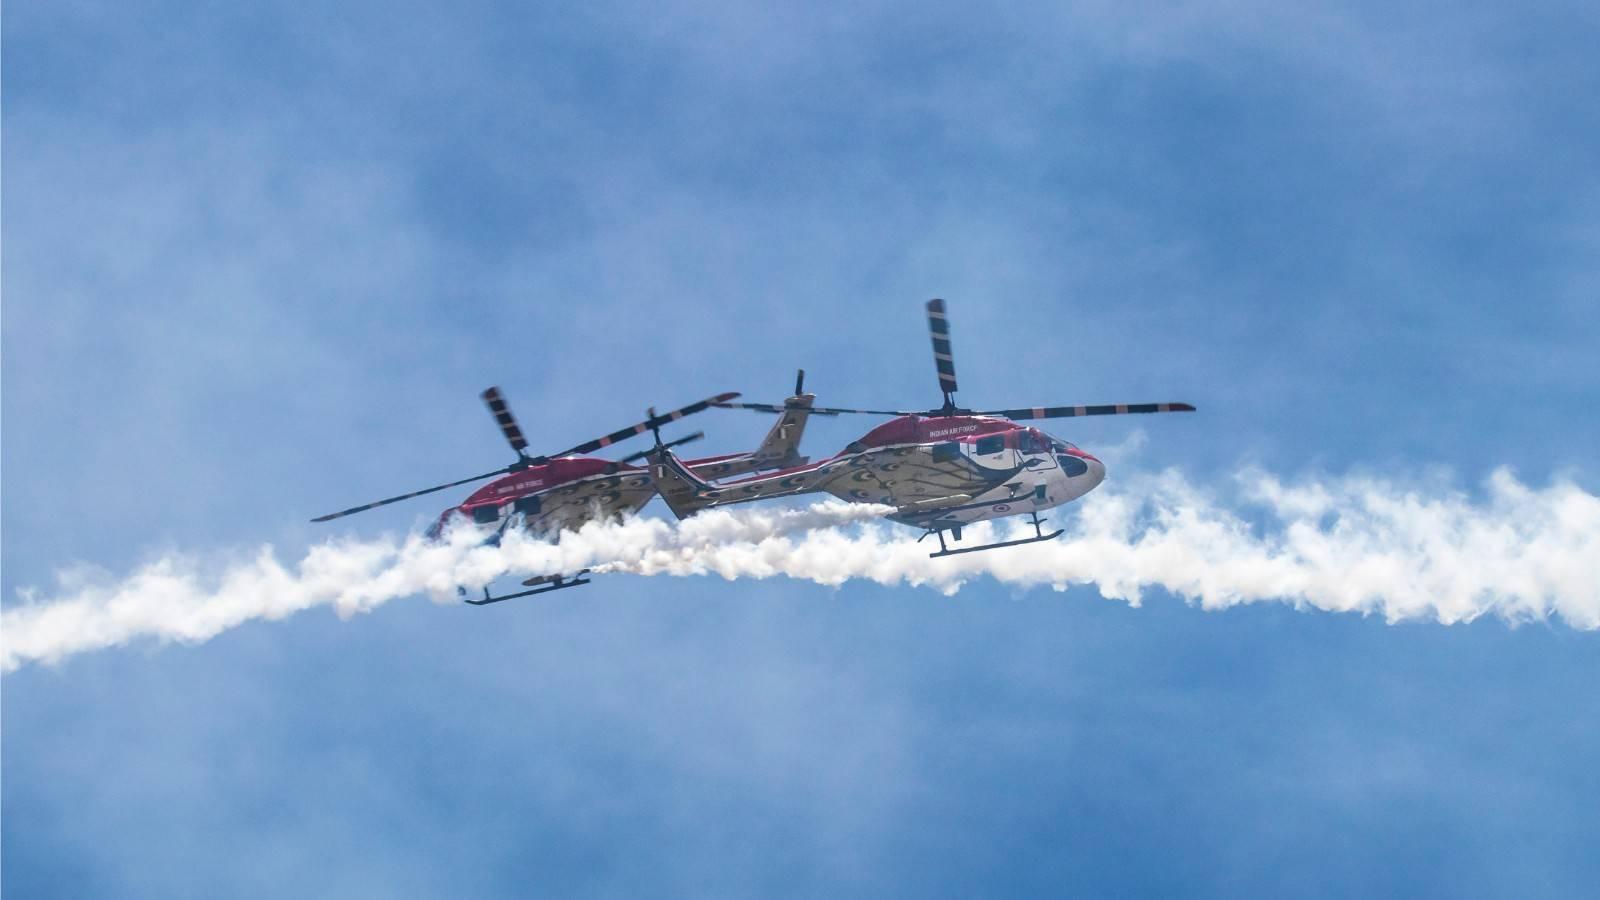 sarang team - Indian air force